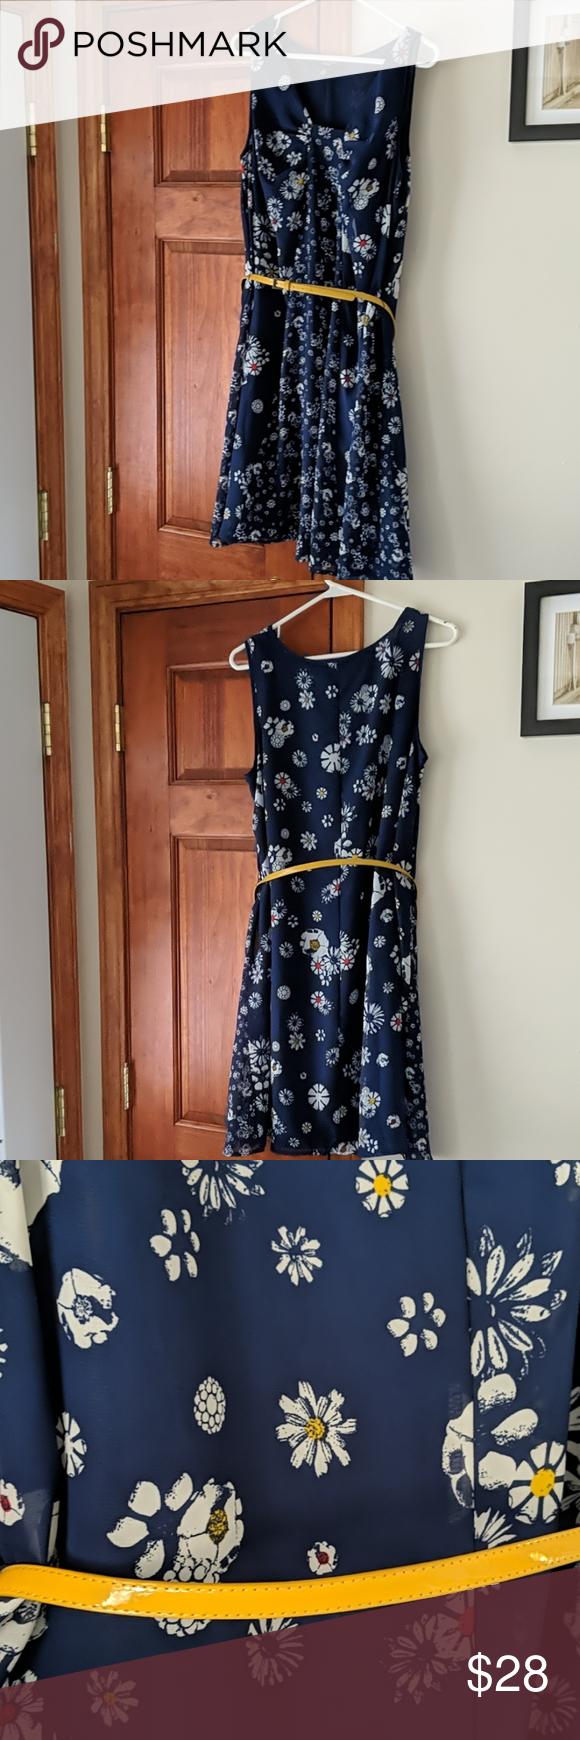 Blue Floral Off The Shoulder Dress Xhilaration Floral Dresses With Sleeves Dresses Floral Blue Dress [ 1740 x 580 Pixel ]